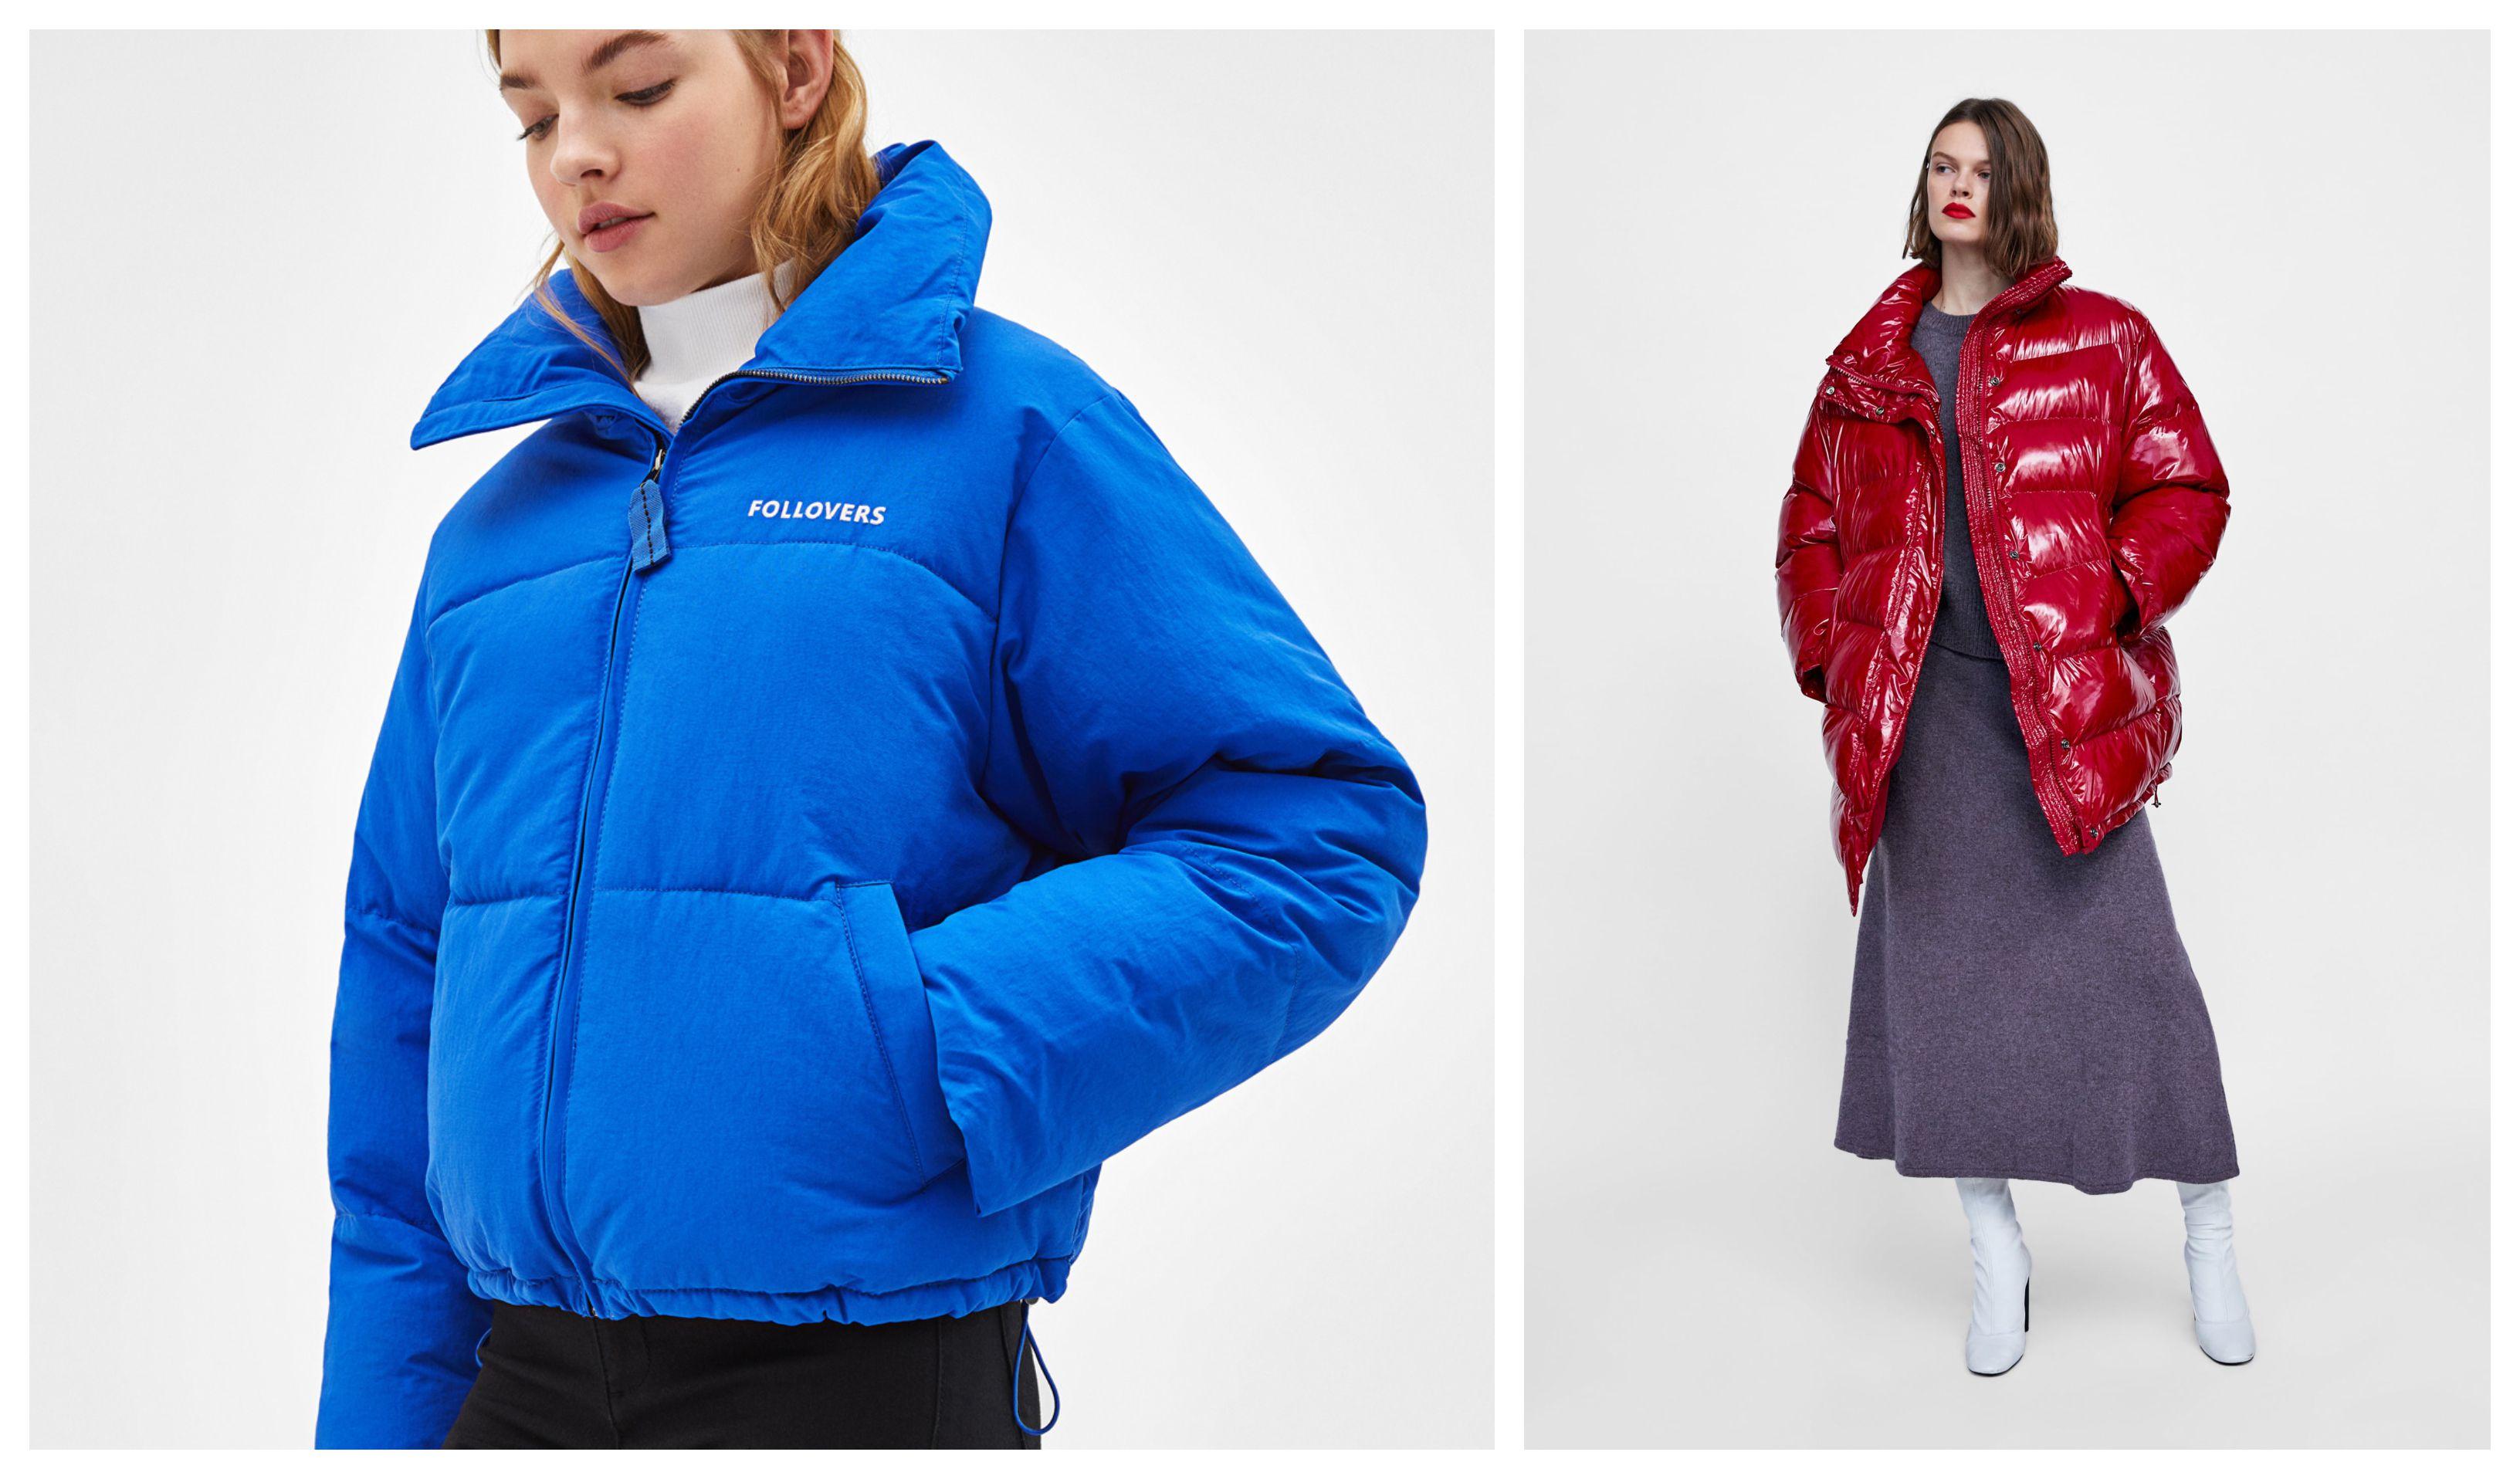 Sada je već stvarno vrijeme za debele zimske jakne: Pogledajte što nude dućani